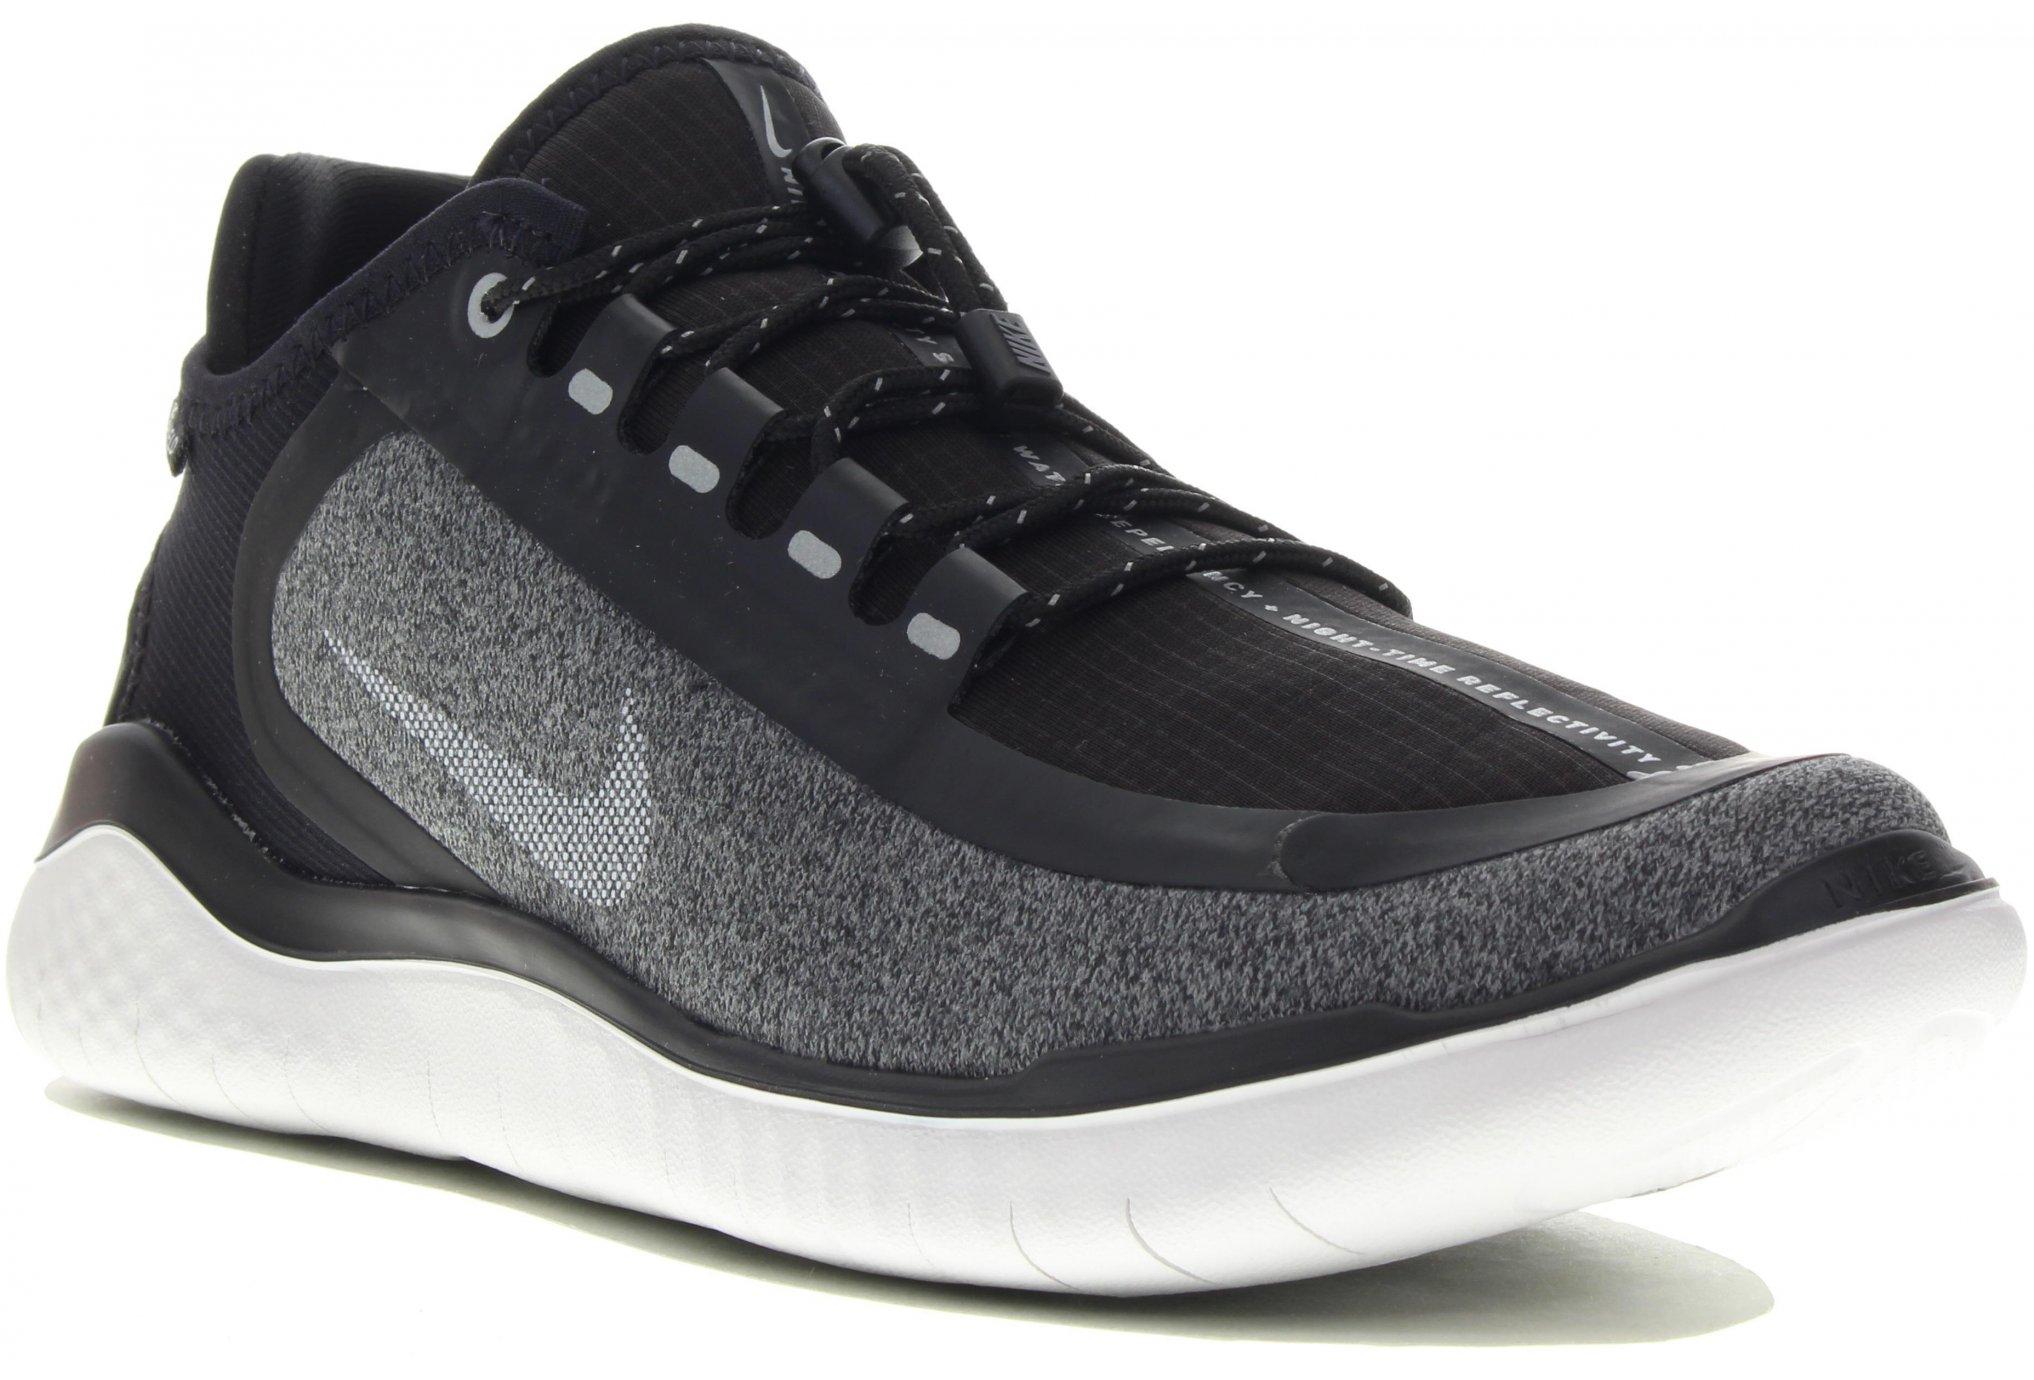 a172aab81e03 Outlet de zapatillas de running Nike mujer tallas 36.5